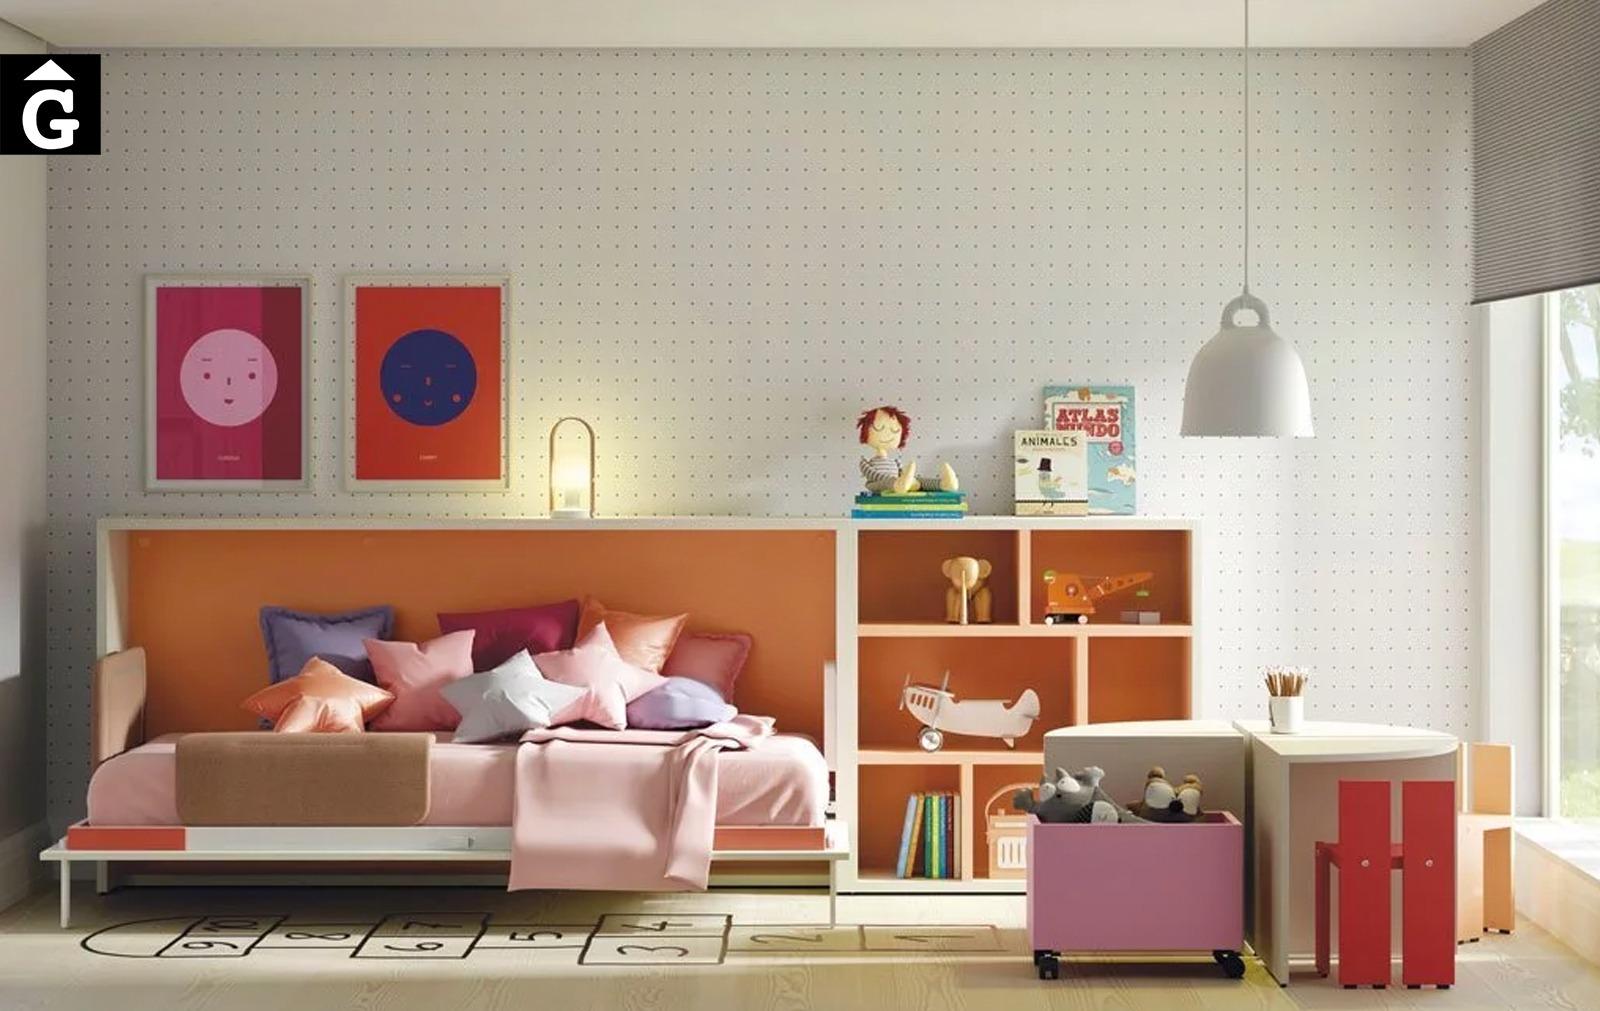 Habitació infantil amb llit abatible obert   Up & Down   llits abatibles   Pràctics, saludables i segurs   Jotajotape   mobles Gifreu